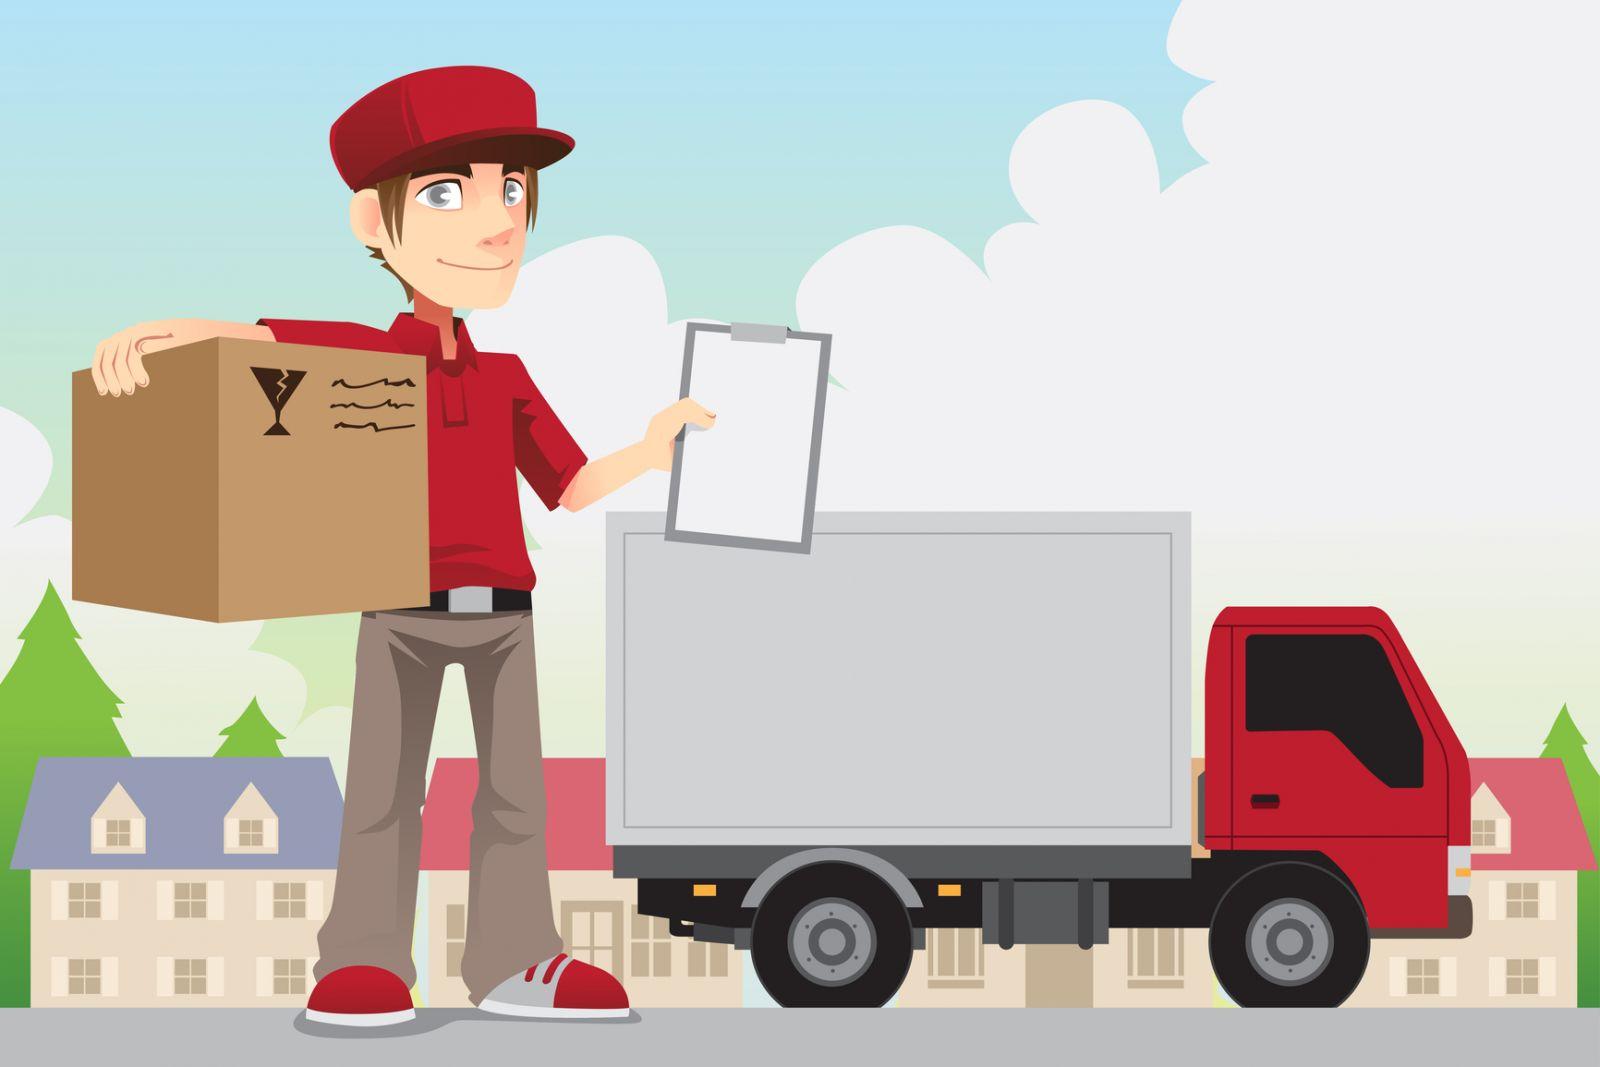 Chuẩn bị đầy đủ thông tin người mua khi gửi chuyển phát nhanh trong ngày